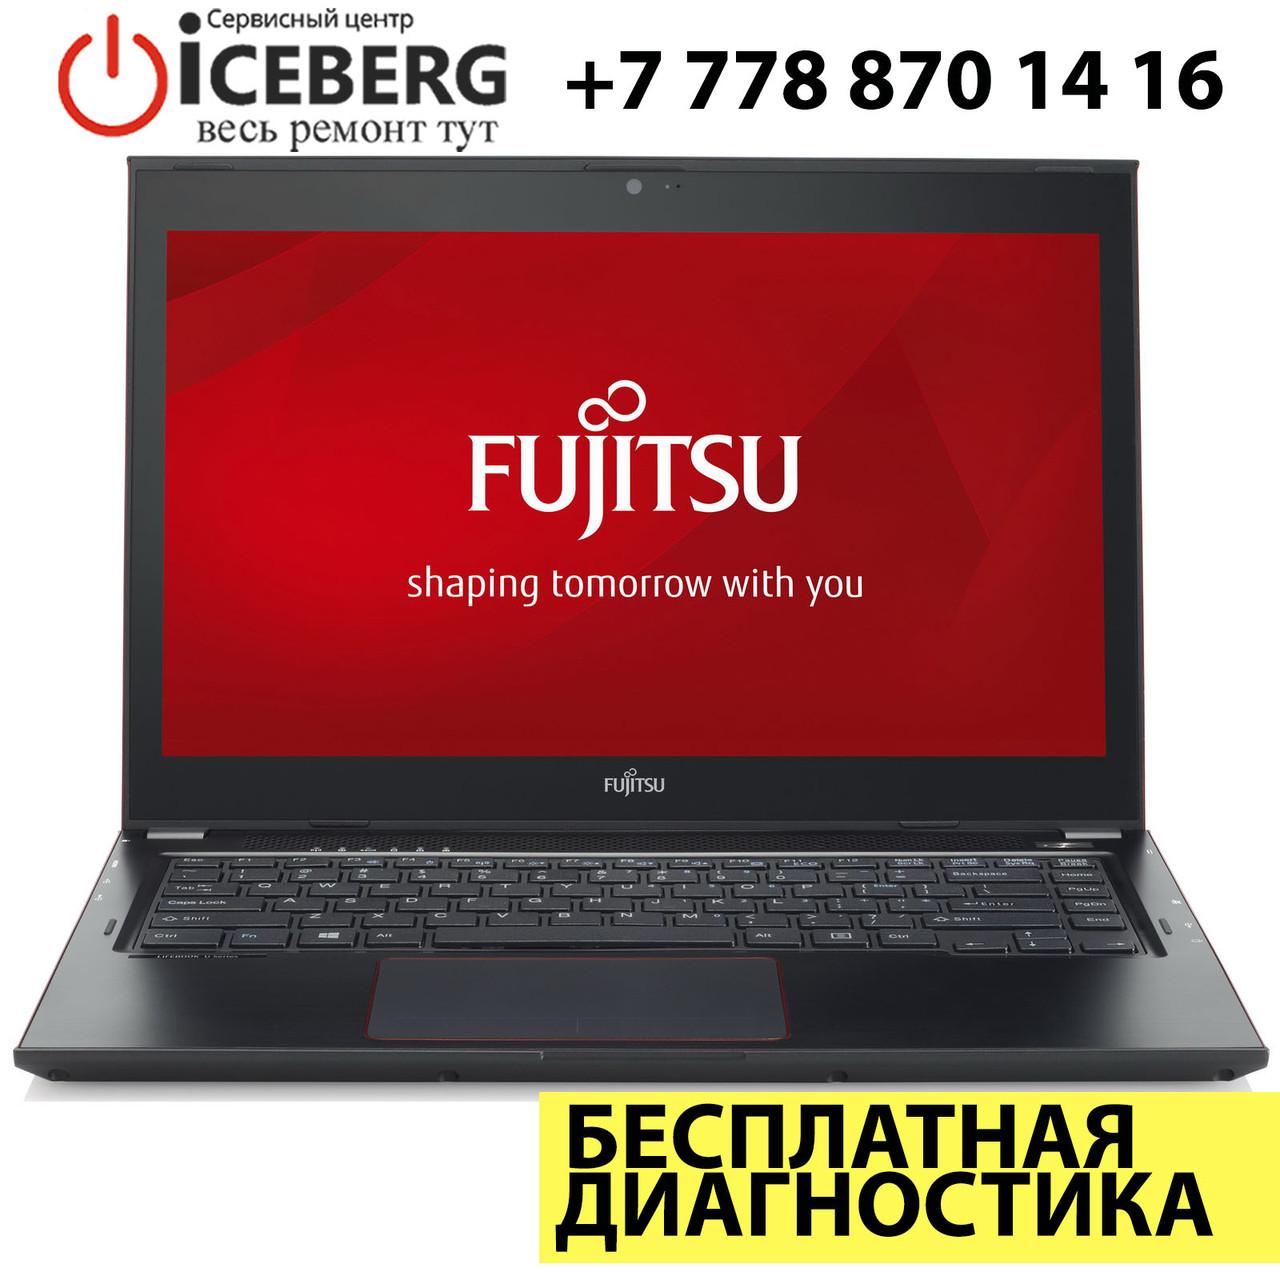 Ремонт ноутбуков и компьютеров Fujitsu